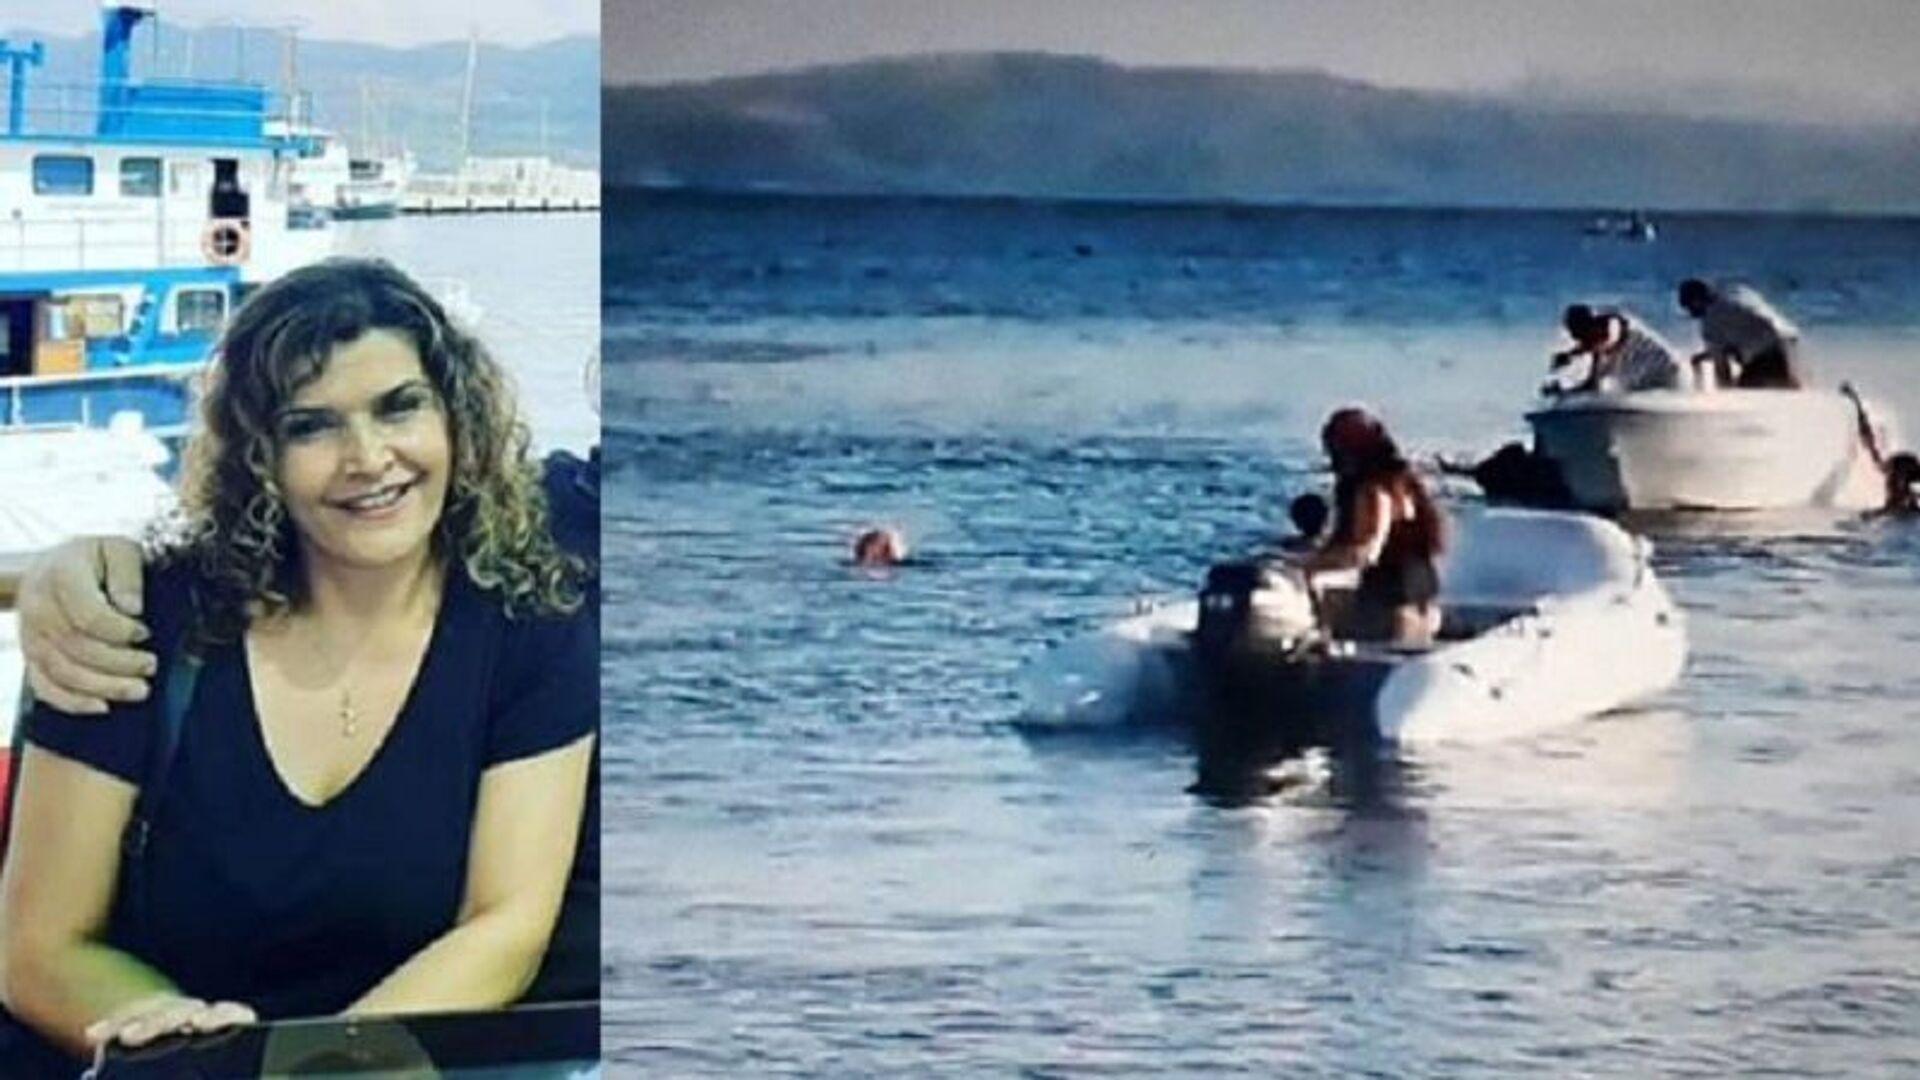 Denizde yüzerken sürat teknesinin çarptığı kadın Elvan Fırat Taşdöğen - Sputnik Türkiye, 1920, 12.08.2021